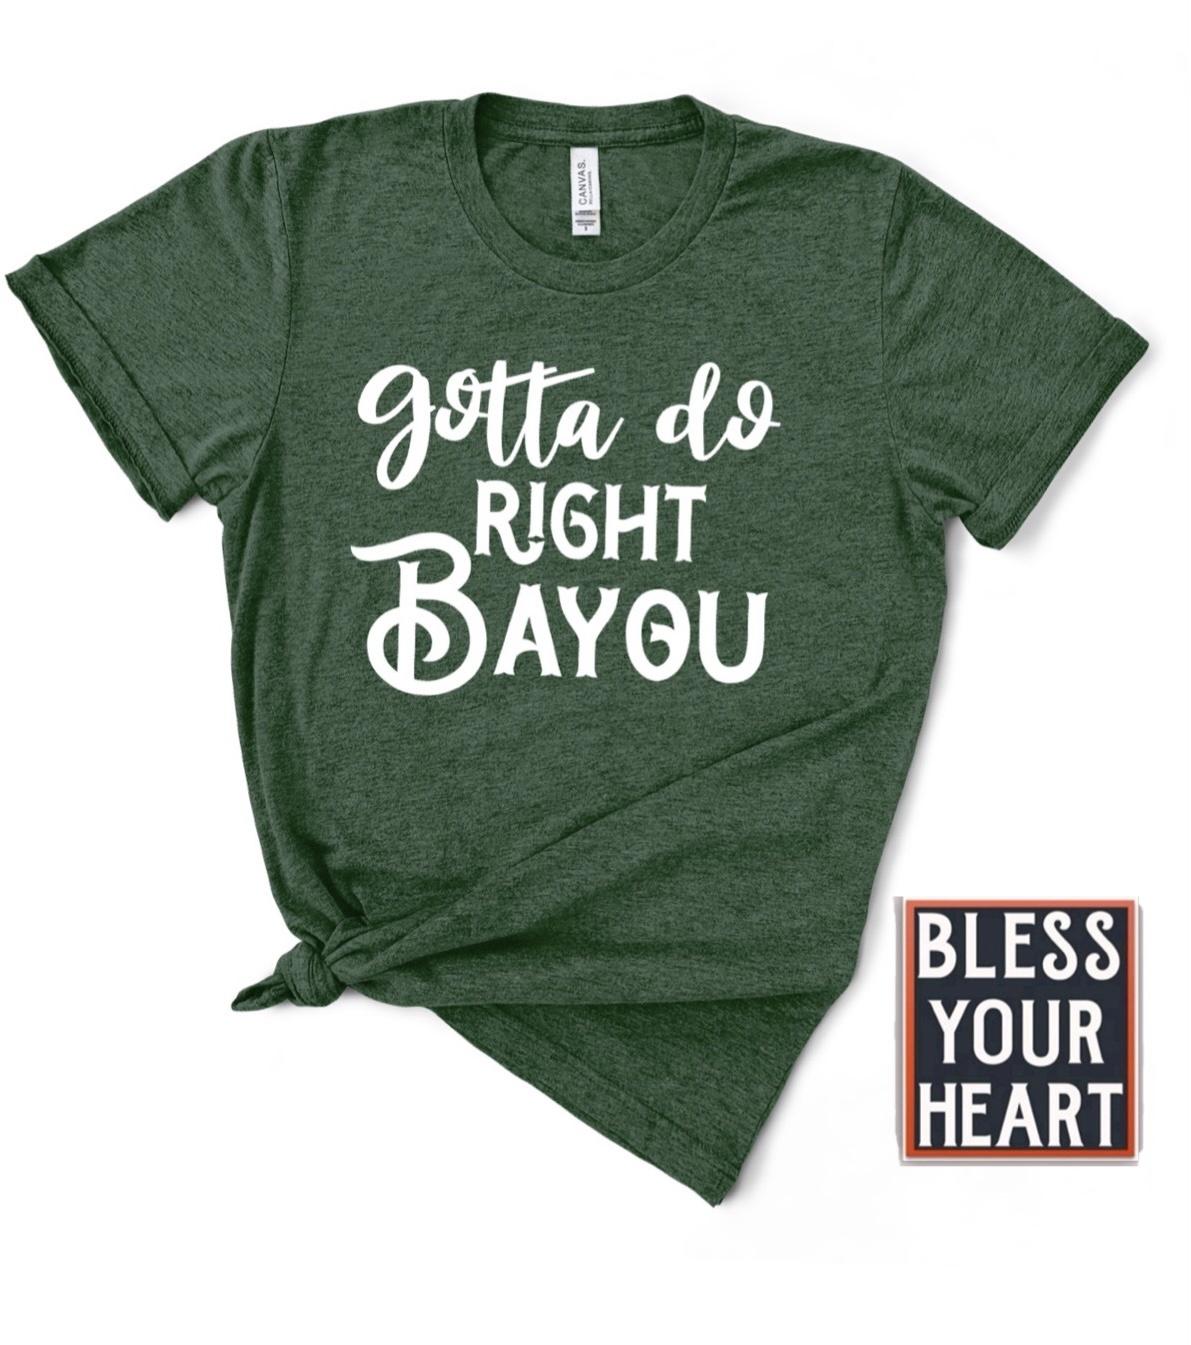 Right Bayou Tee